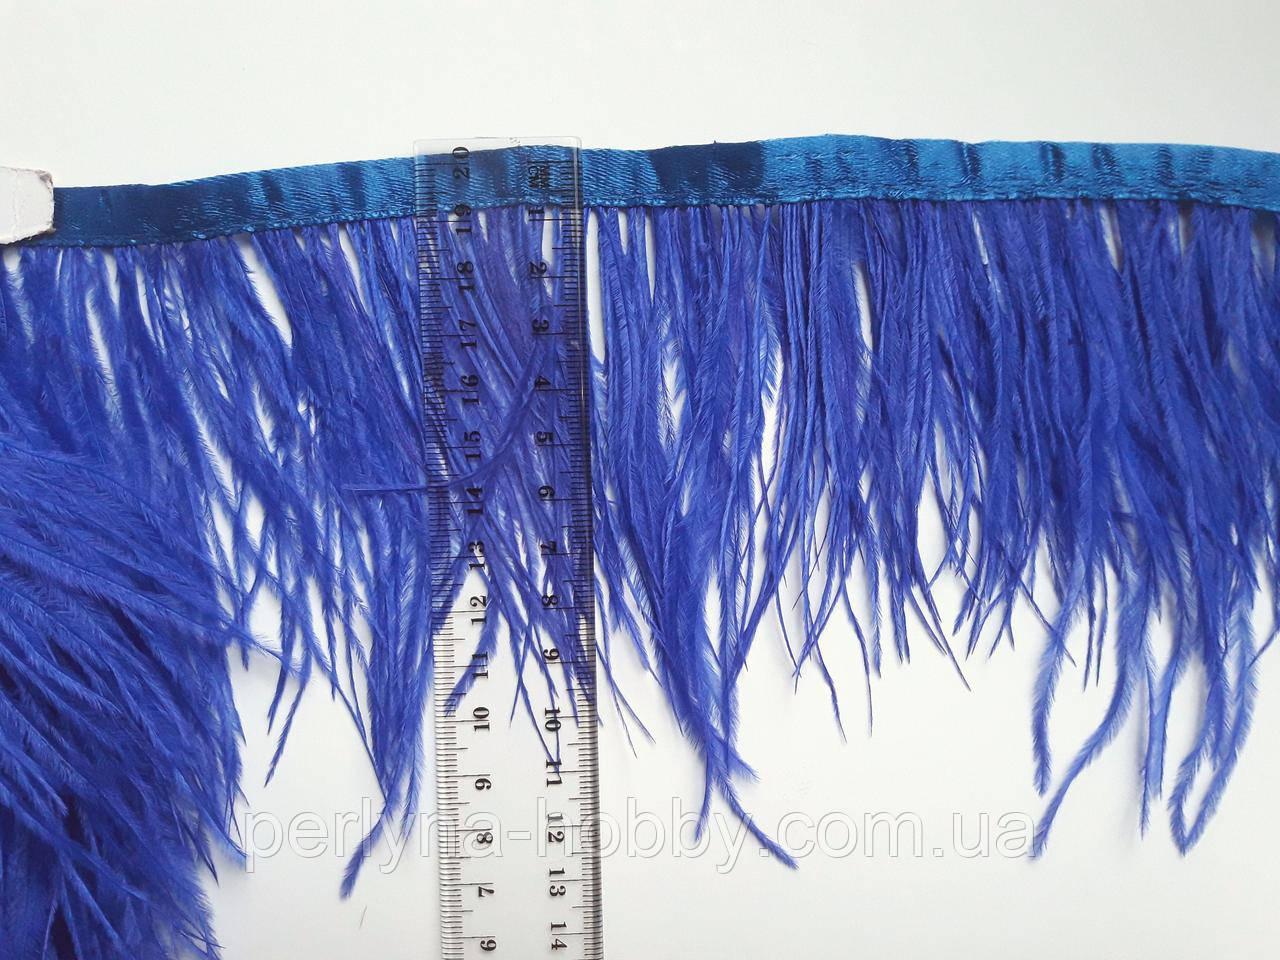 Пір'я страуса на тасьмі синє, 10-12 см.  Ціна за 1 метр